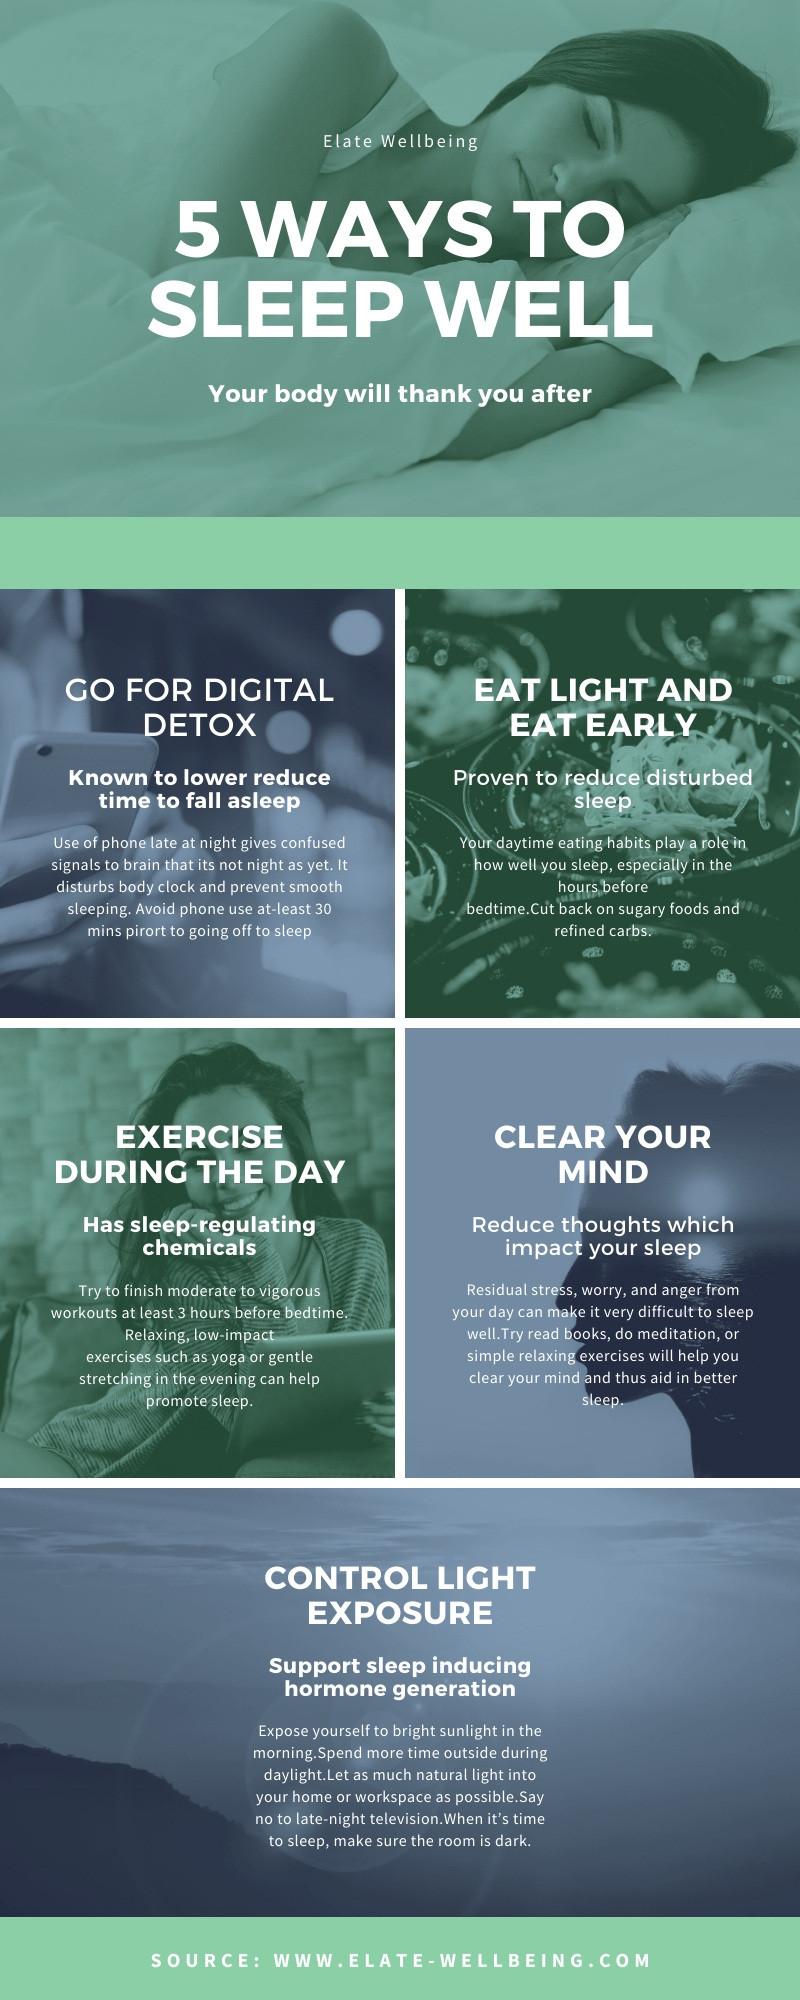 5 ways to sleep well